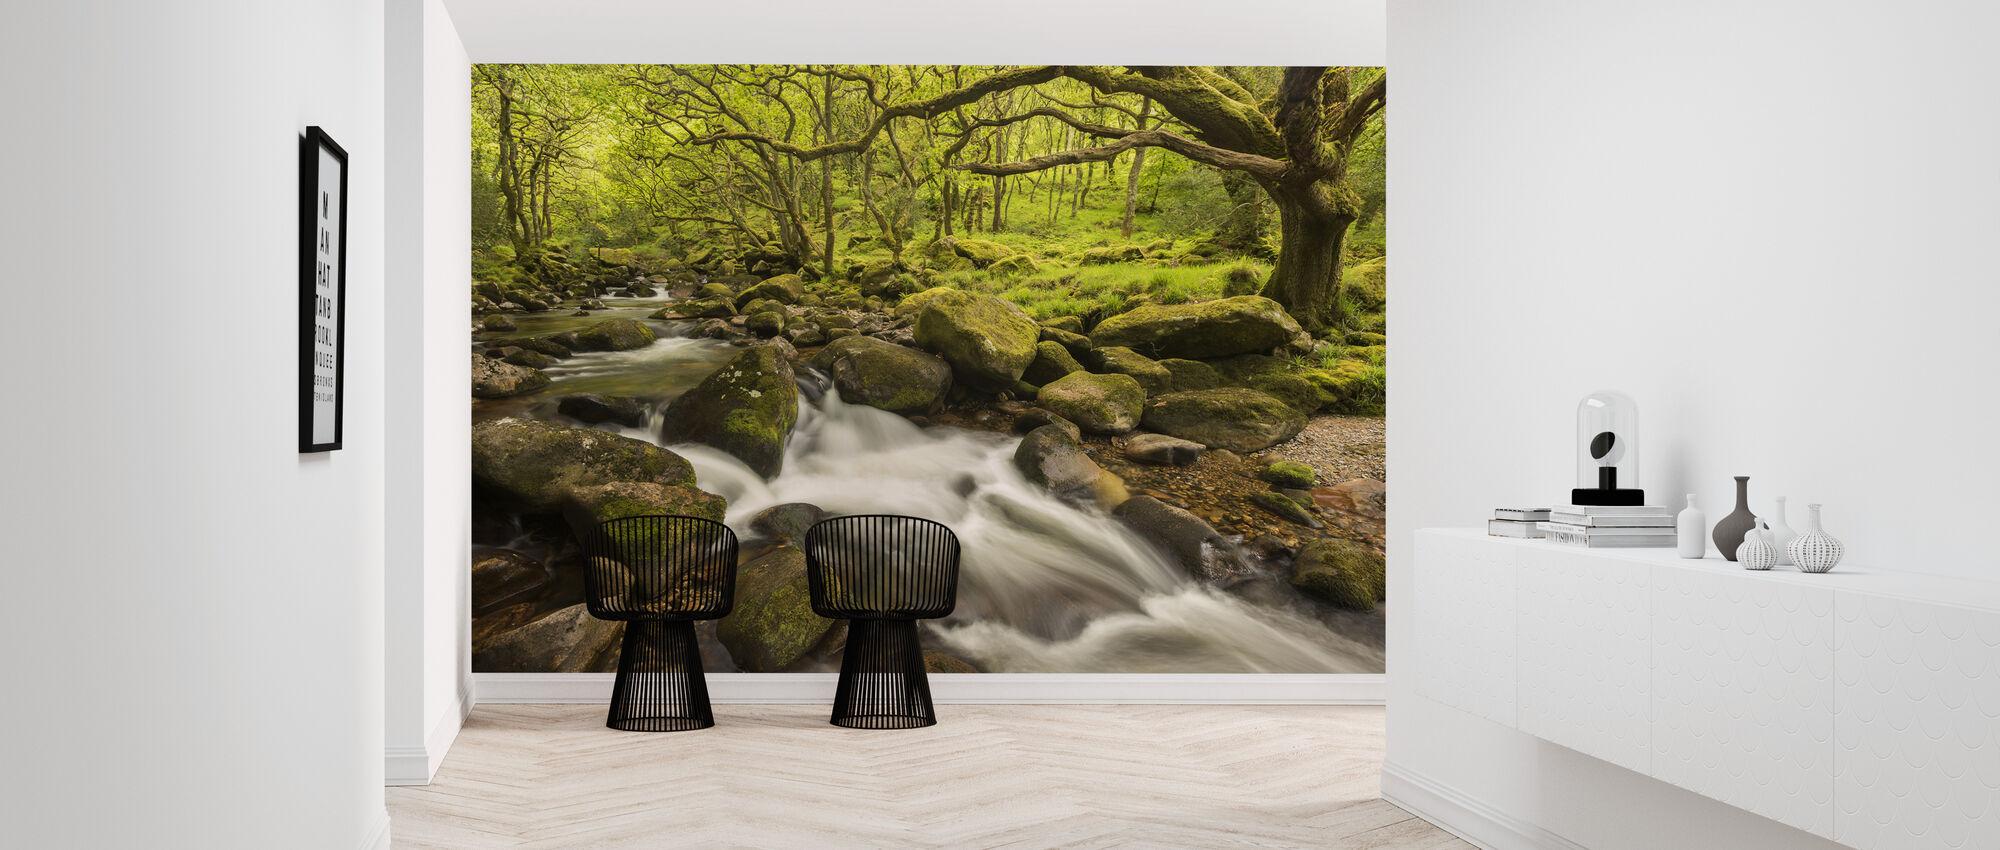 River Plym in Dewerstone Wood, Devon, England, UK - Wallpaper - Hallway